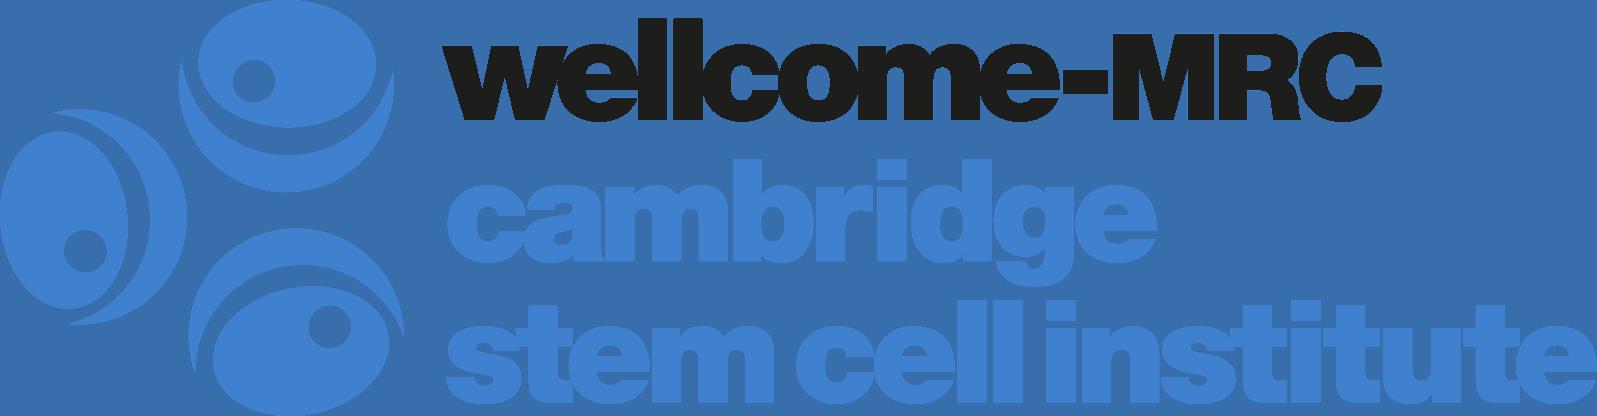 Cambridge Rare Disease Network - RAREfest | Exhibit - Wellcome MRC Cambridge Stem Cell Institute 1